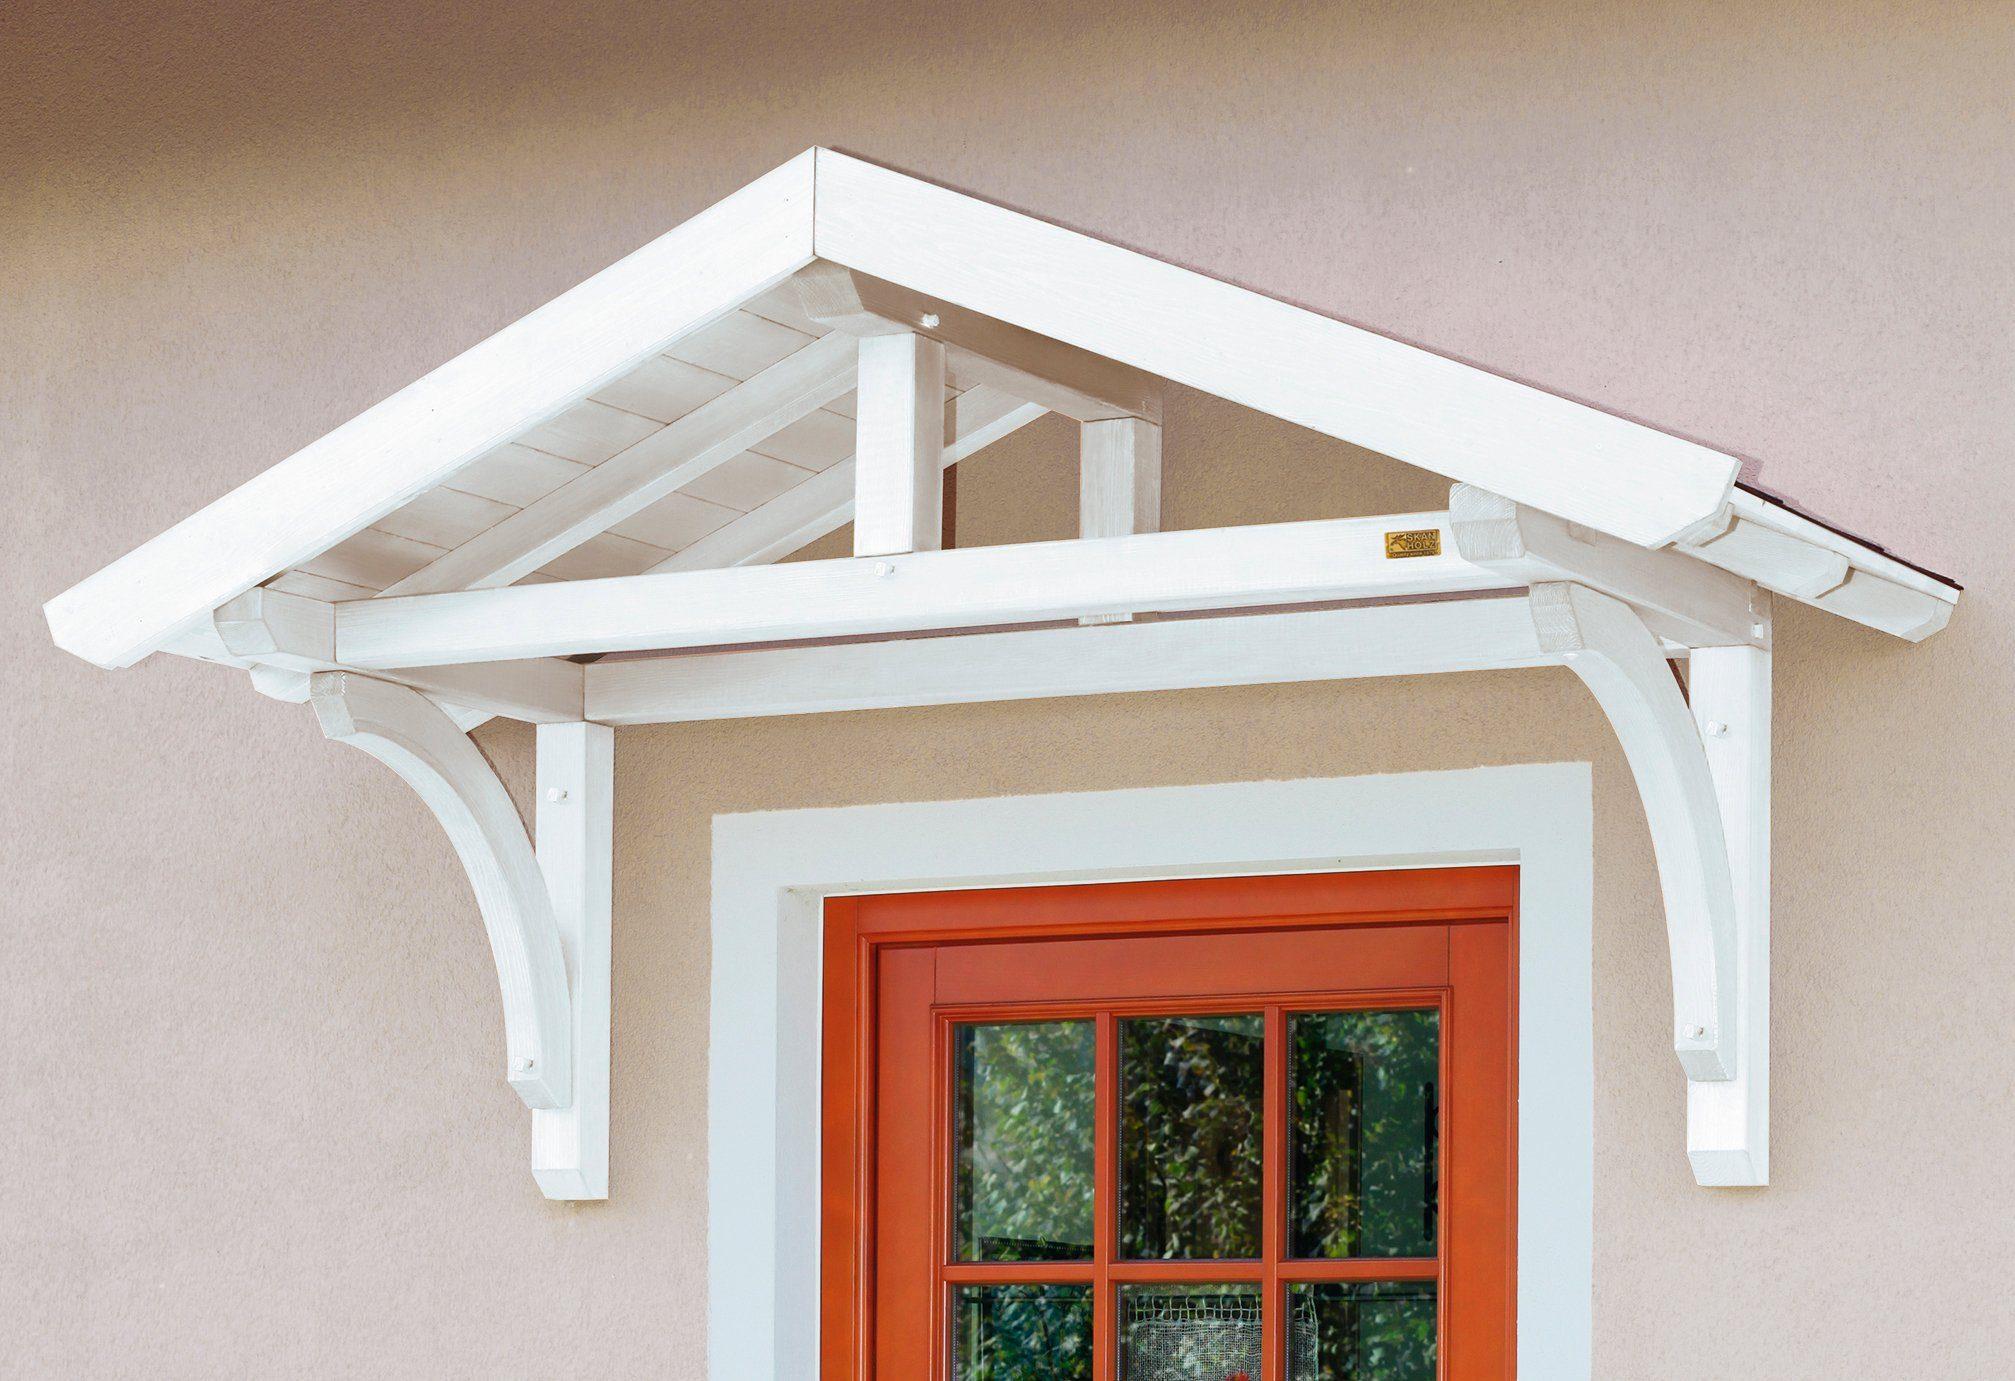 Skanholz Vordach-Set »Stettin«, BxT: 180x80 cm, inkl. roten Dachschindeln